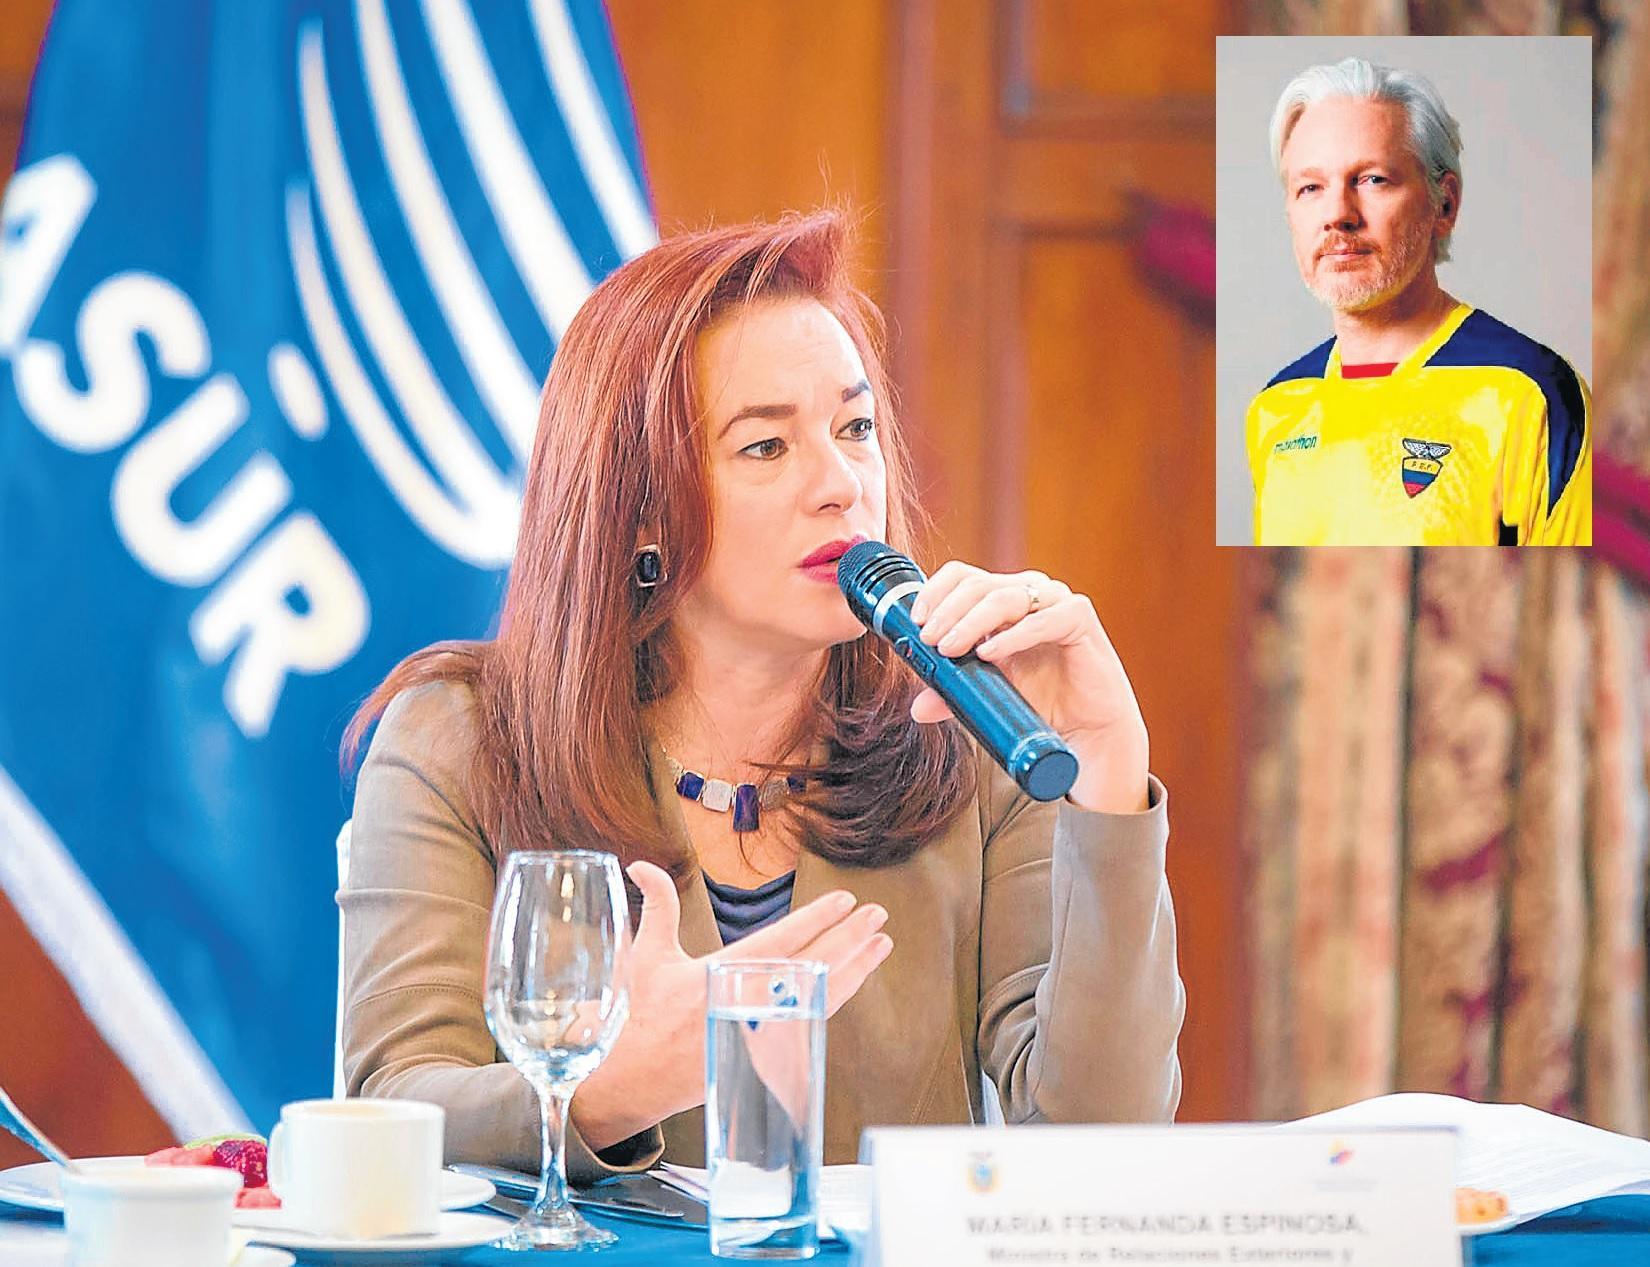 Julian Assange ya tiene nacionalidad ecuatoriana, confirma la canciller Espinosa